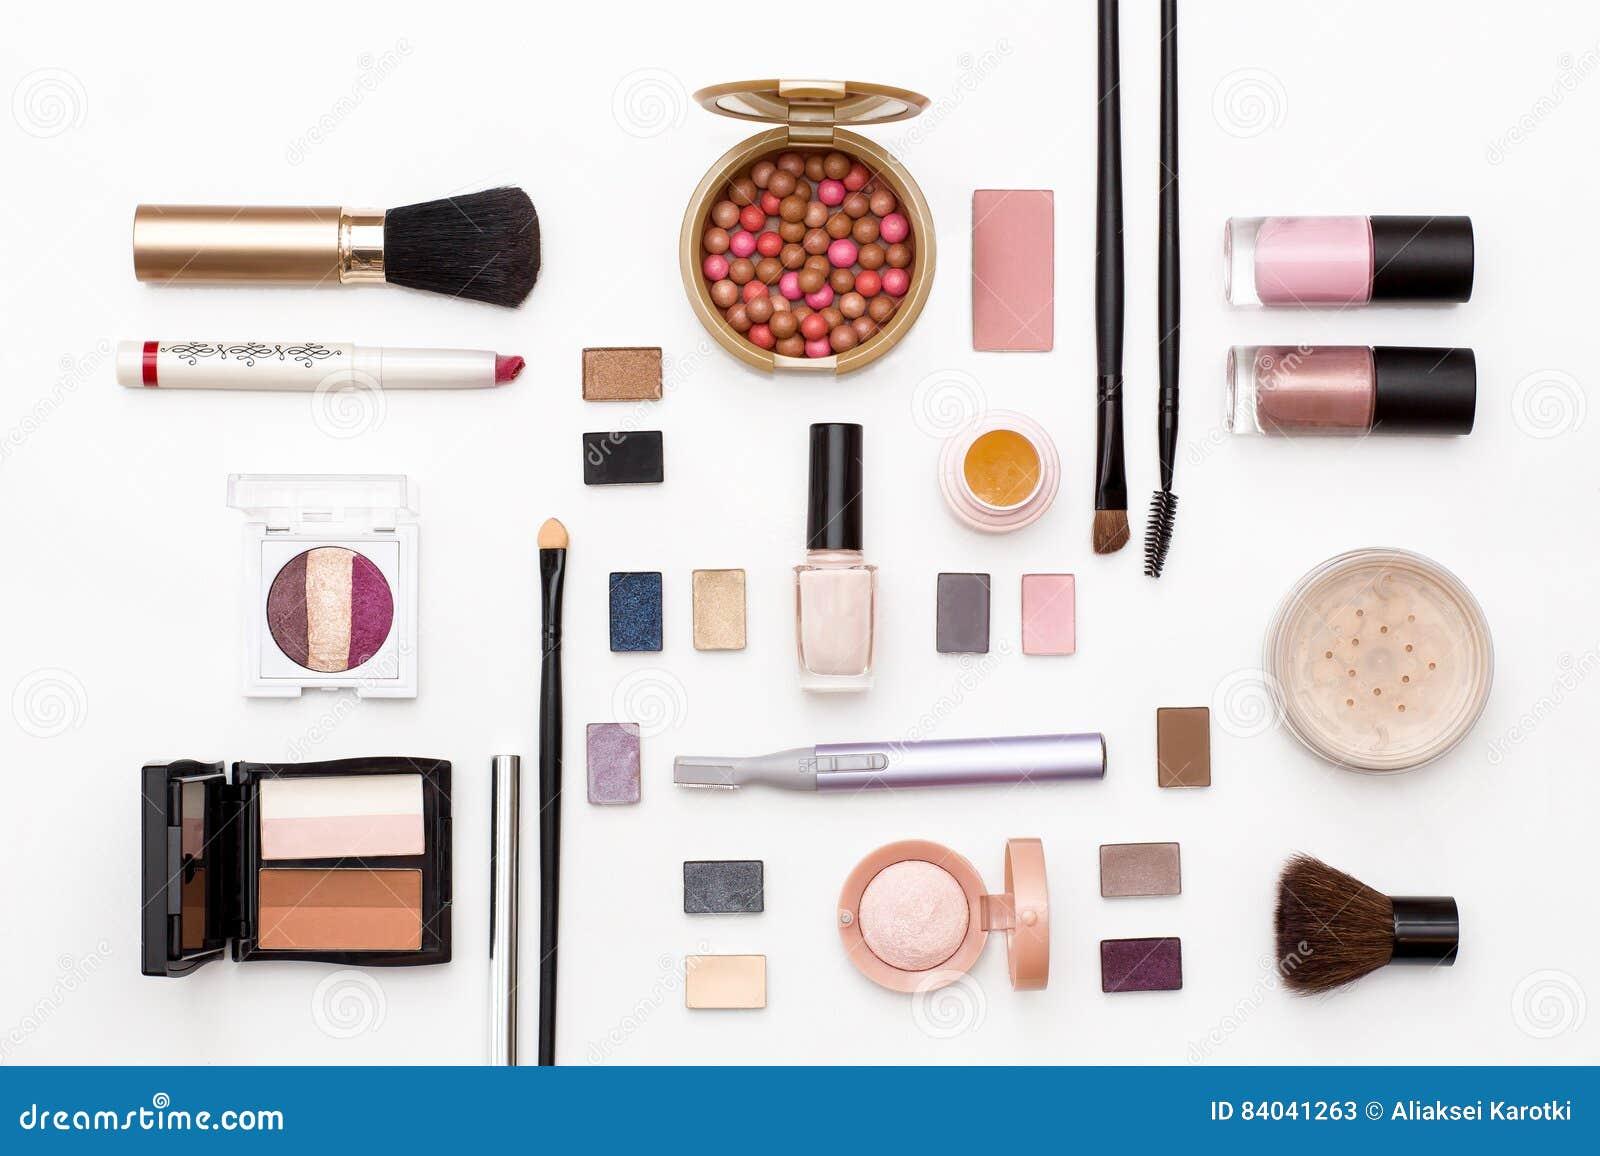 面部构成的化妆用品:刷子、粉末、唇膏、眼影、指甲油、整理者和其他辅助部件在白色背景